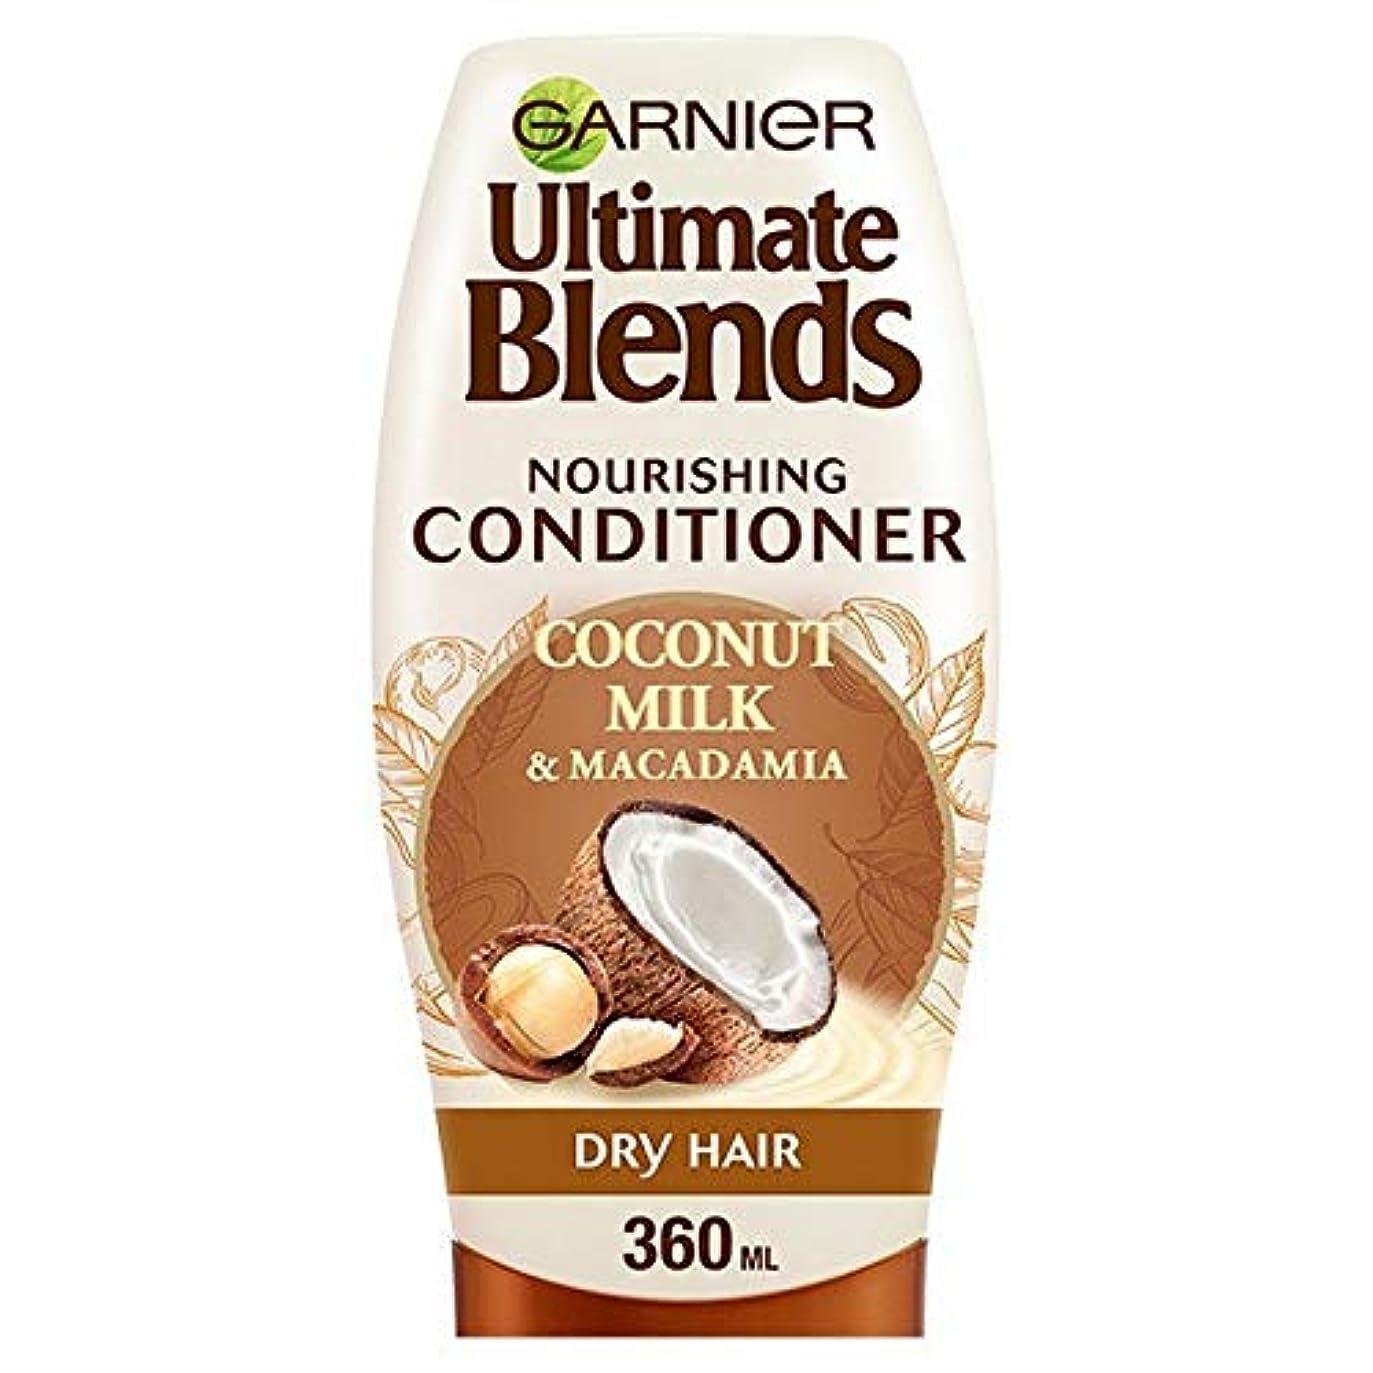 避難最後のスリッパ[Garnier ] 究極のブレンドココナッツミルクドライヘアコンディショナー360ミリリットル - Ultimate Blends Coconut Milk Dry Hair Conditioner 360ml [並行輸入品]